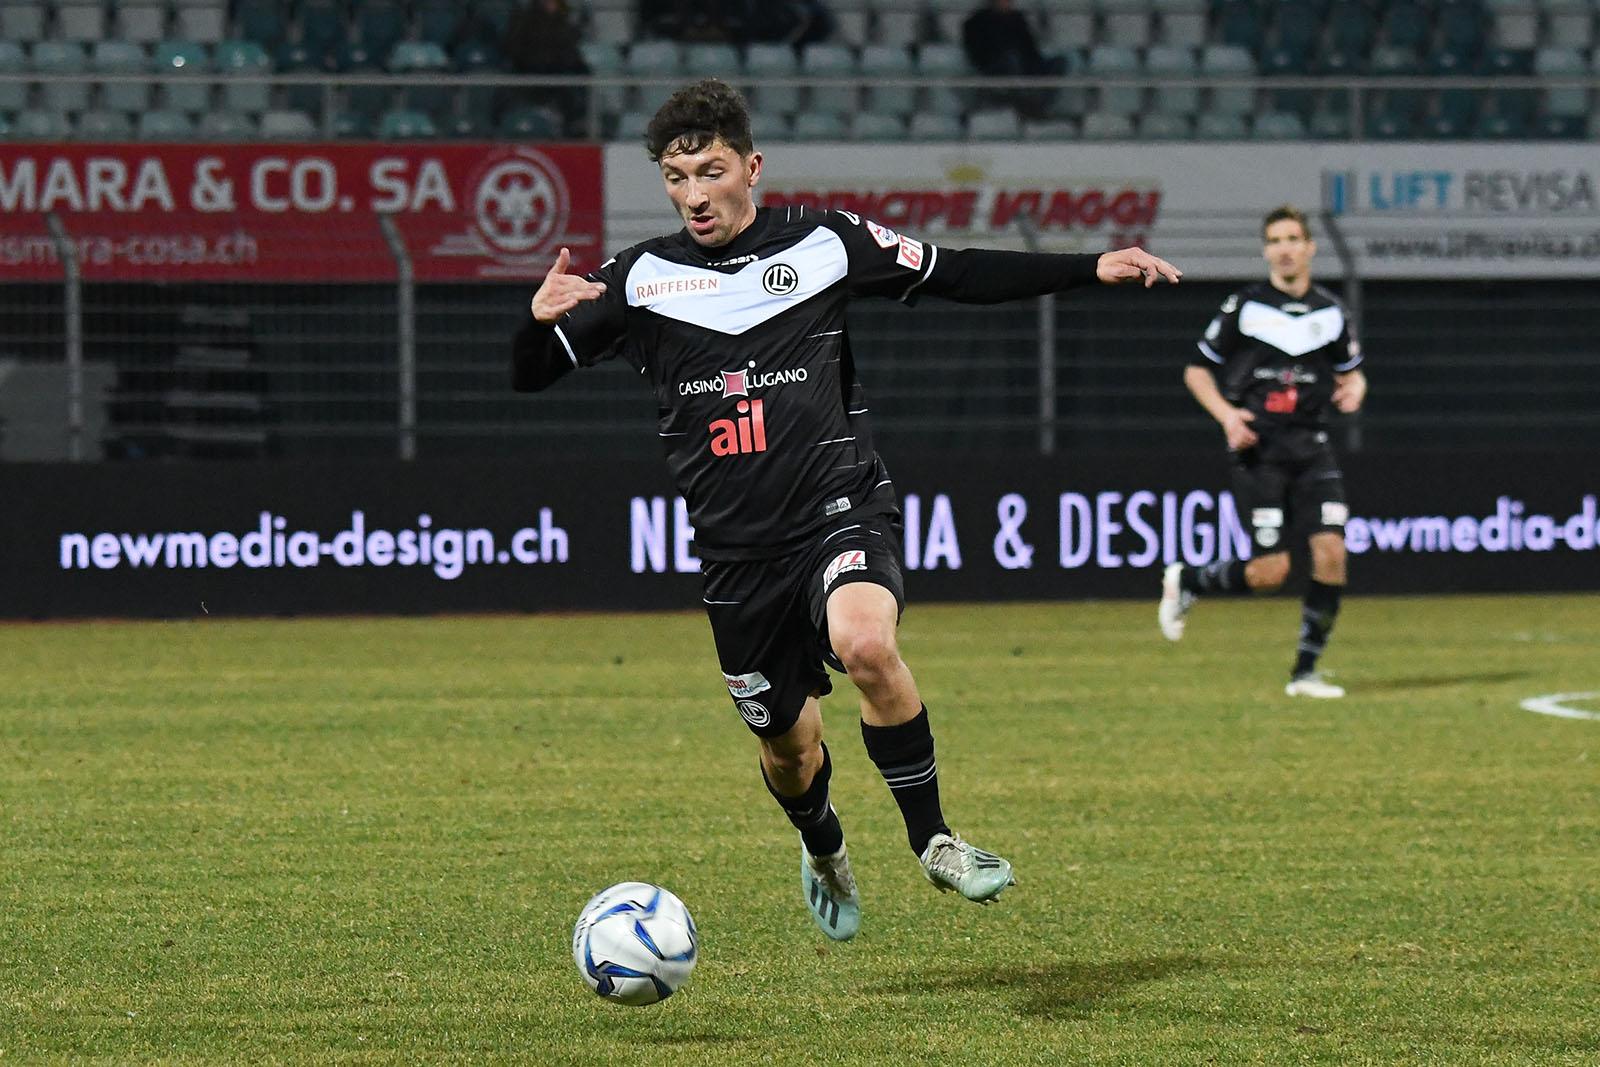 New Media & Design FC Lugano